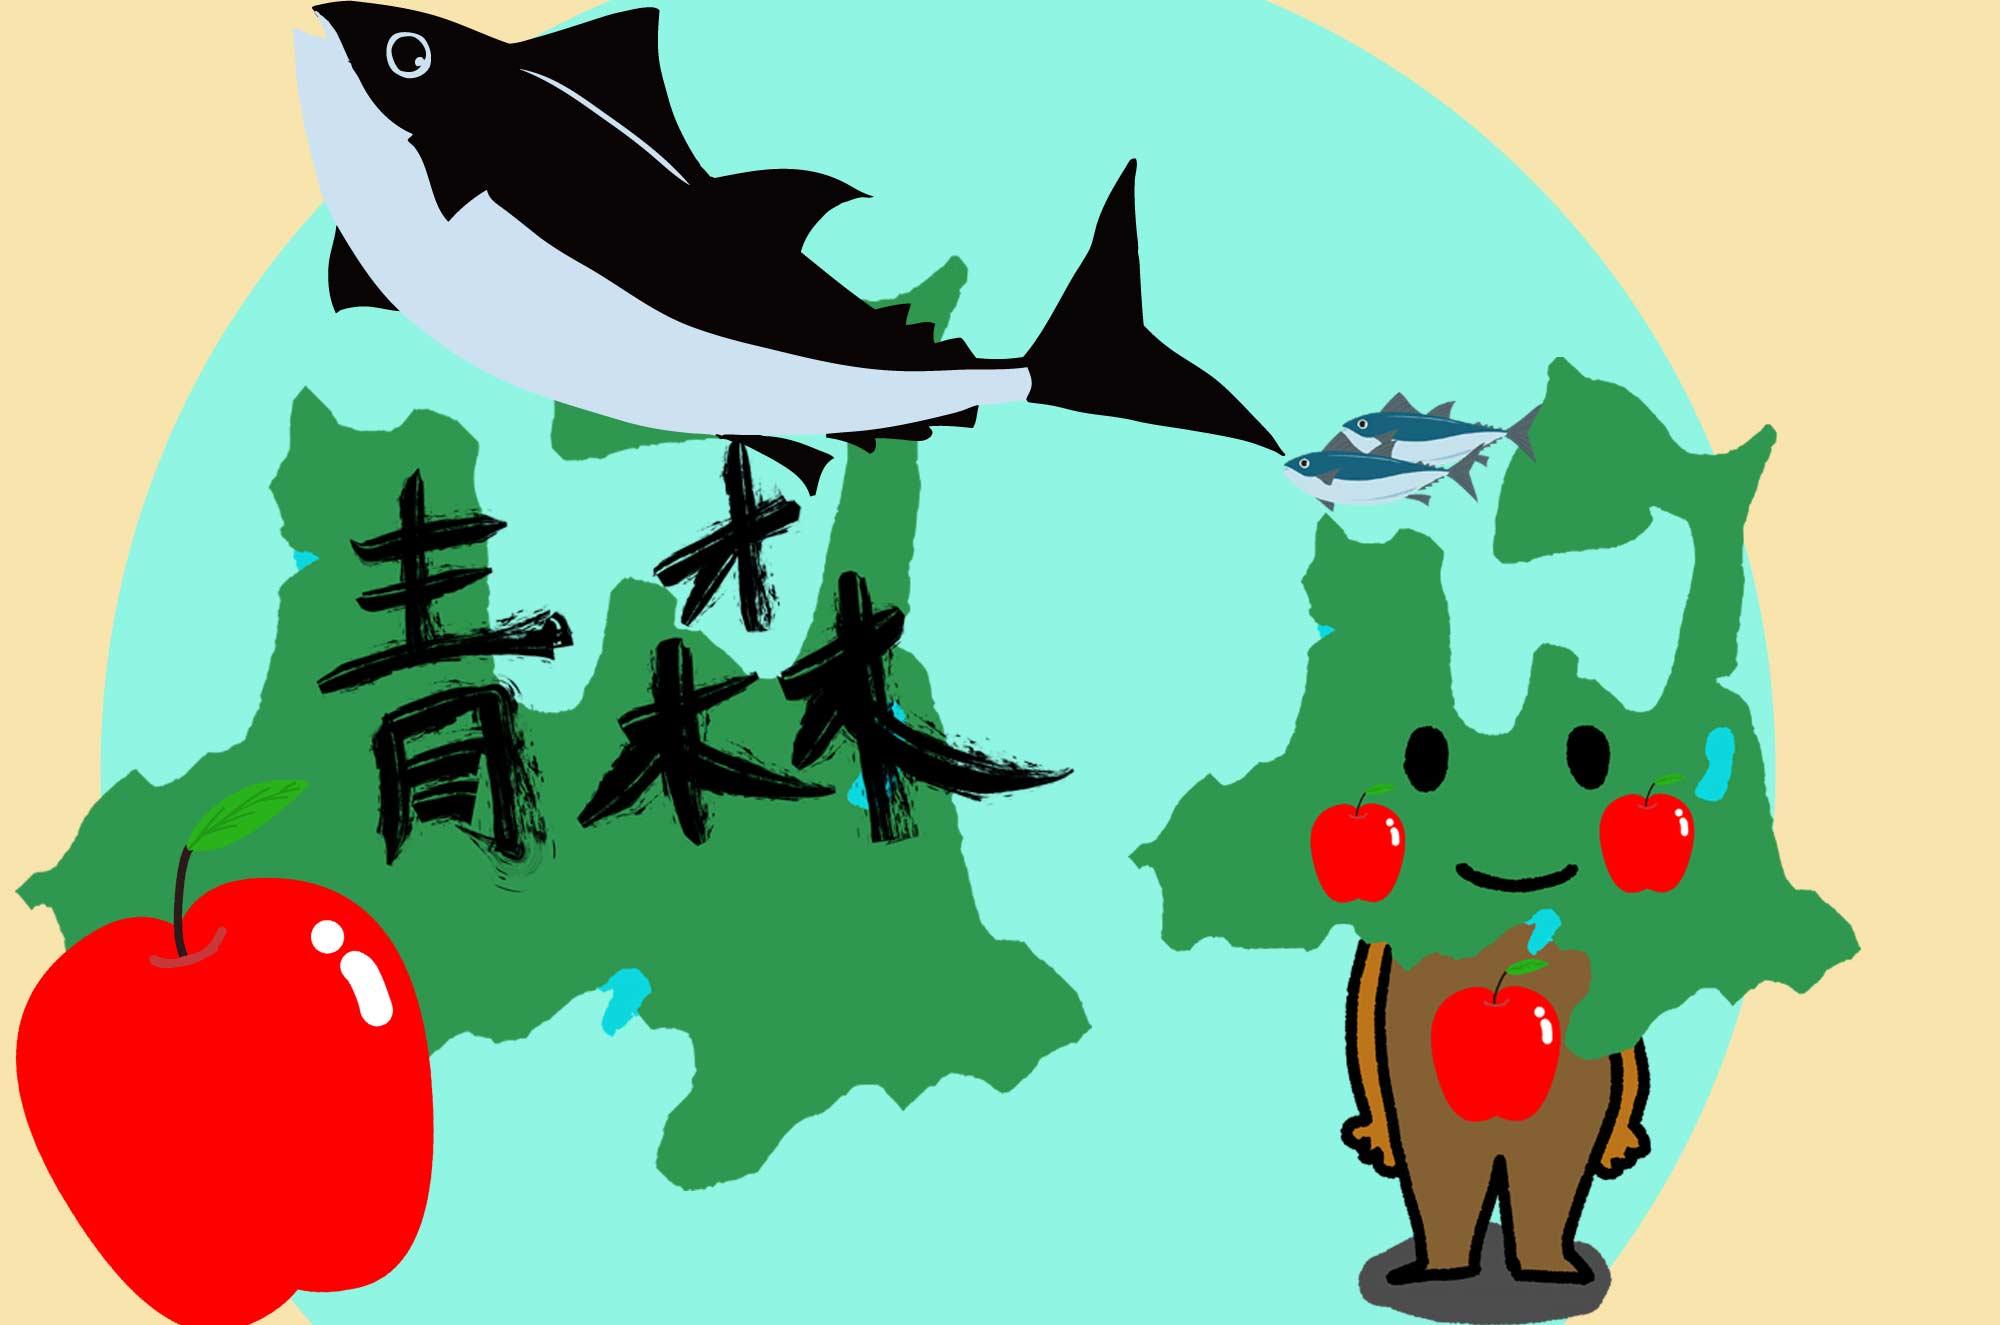 青森のイラスト - 可愛いキャラクターと大陸の無料素材